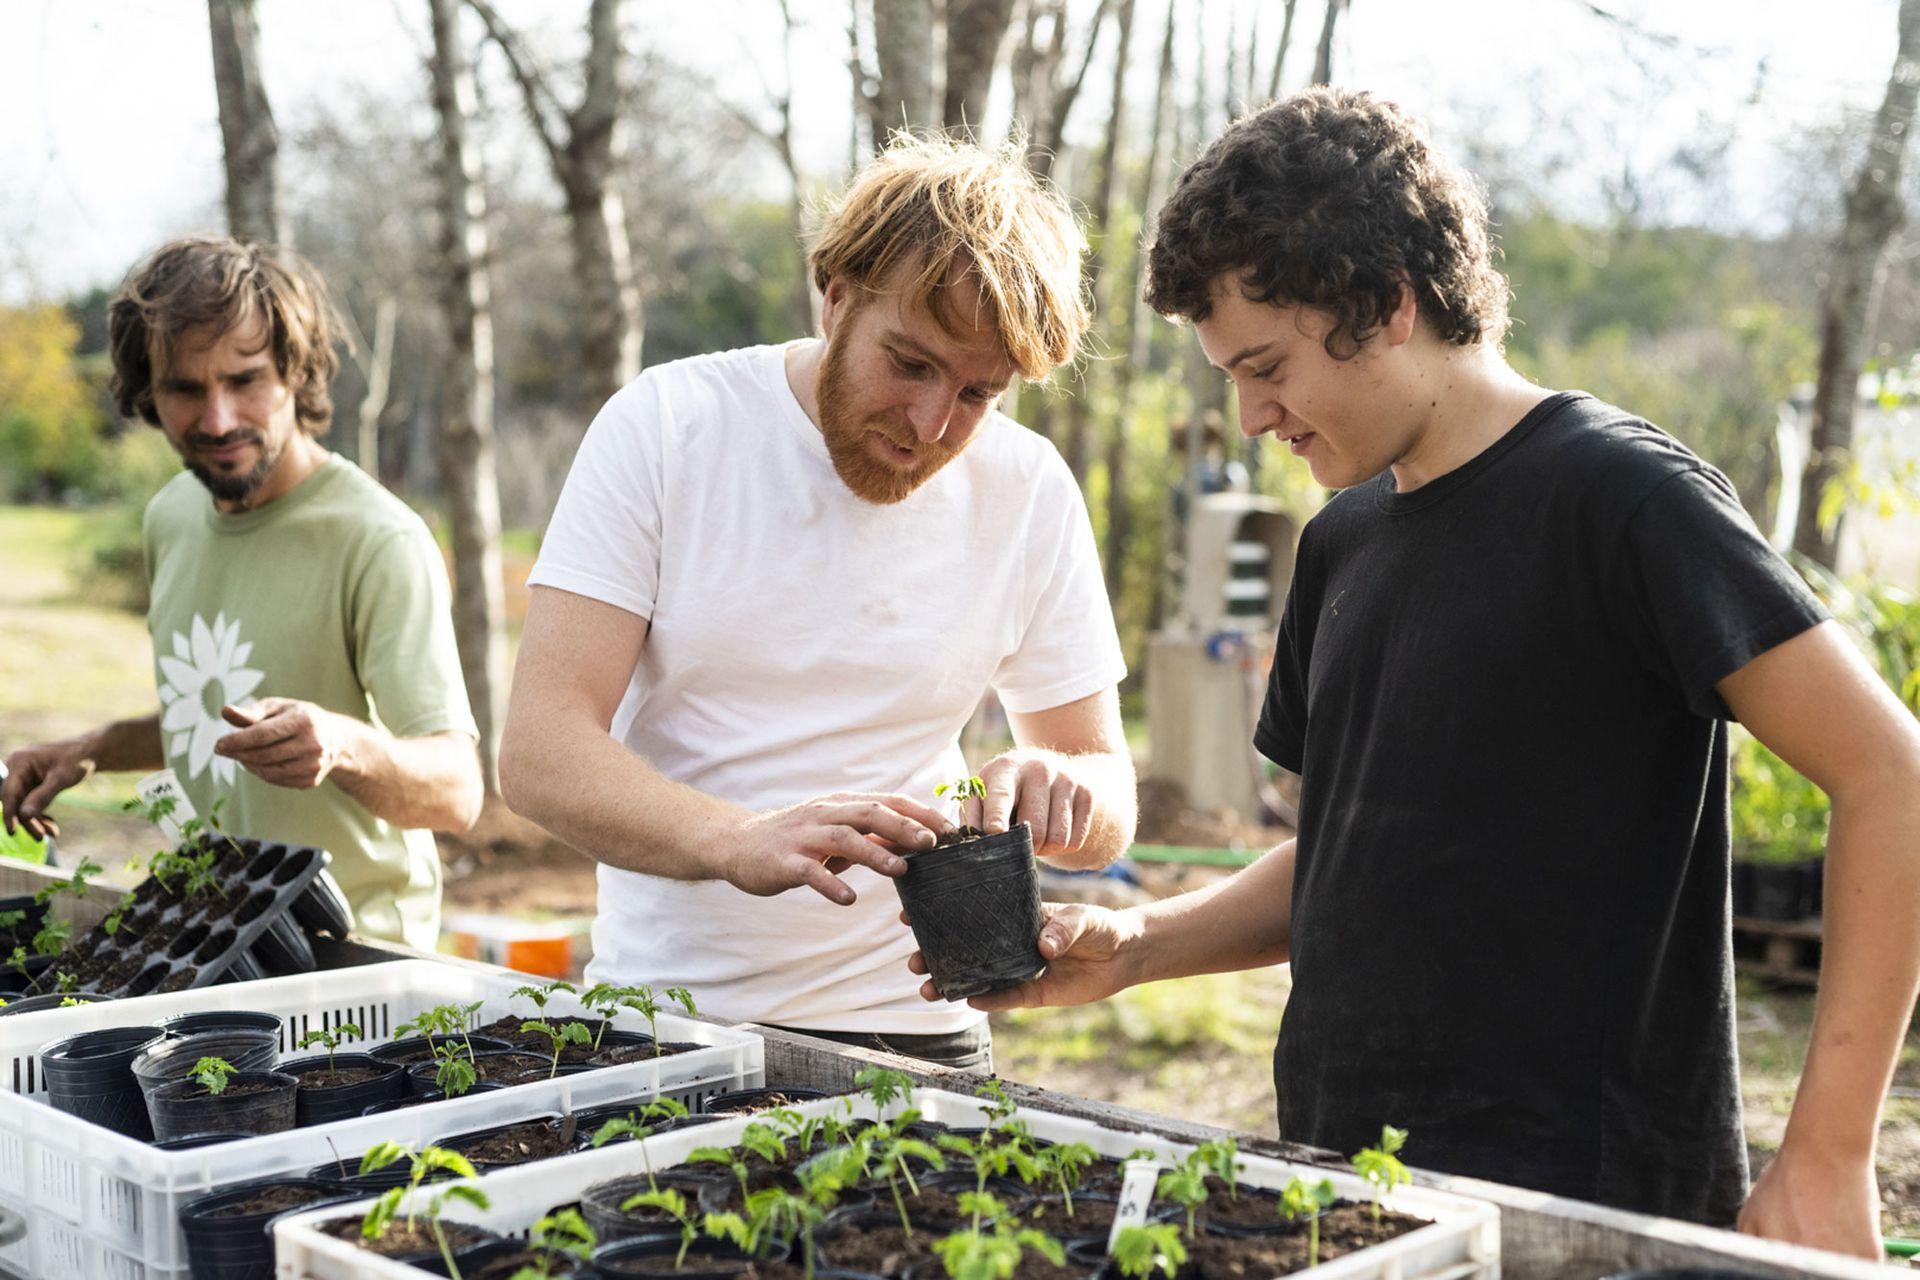 El vivero Flora Nativa es un proyecto de la ONG sin fines de lucro Germinar. Queda en Belén de Escobar. También organizan talleres, charlas y encuentros de voluntariado con la comunidad.